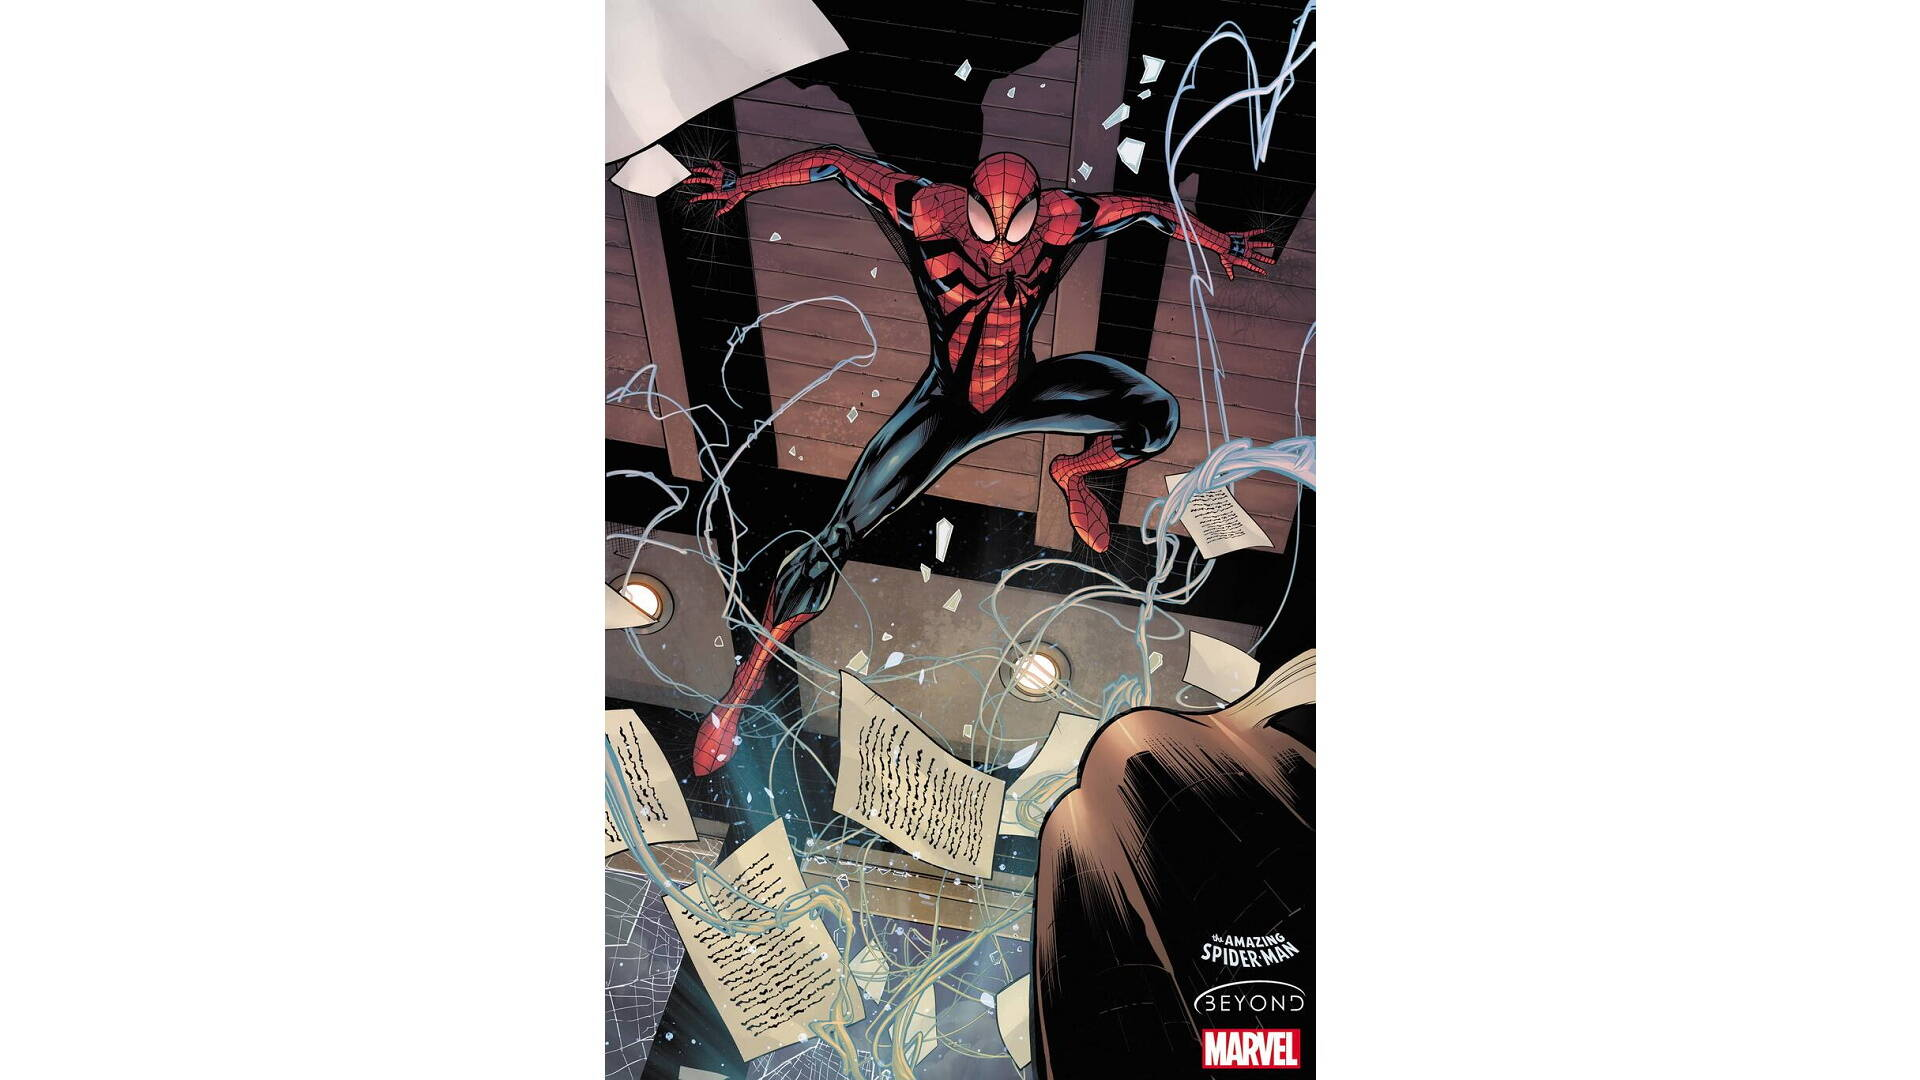 Spider-man cambia autore, periodicità e protagonista